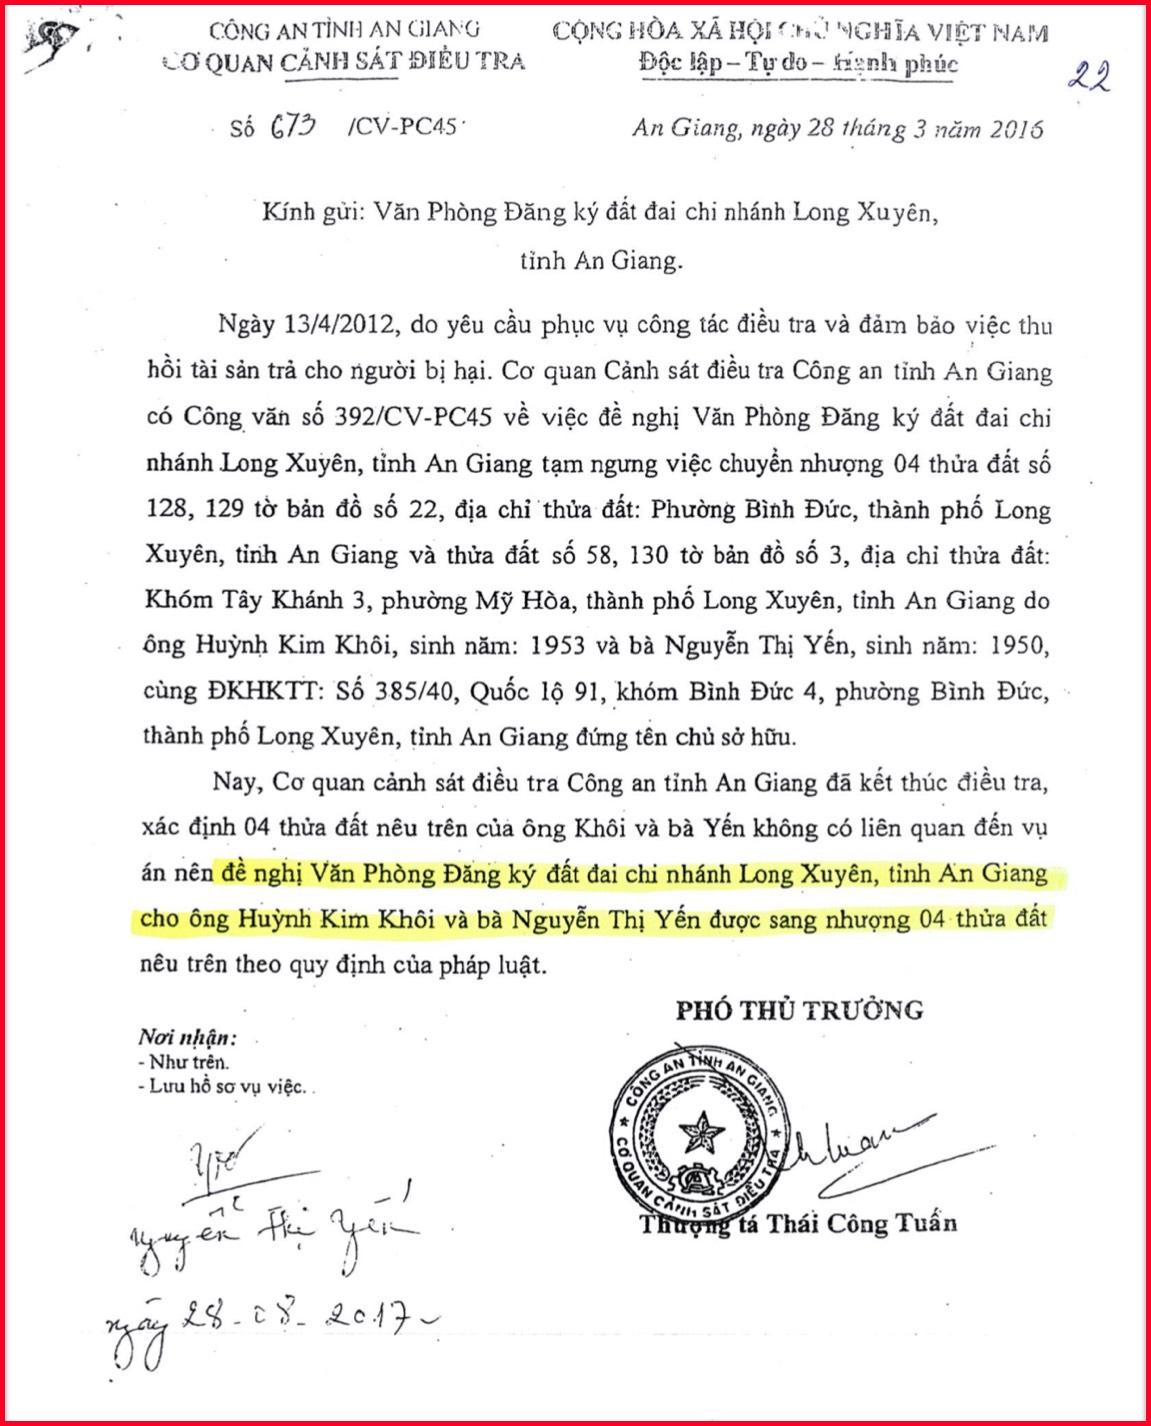 Ông Trần Trung Tính có nguy mất hơn 3,3 tỉ đồng như thế nào?